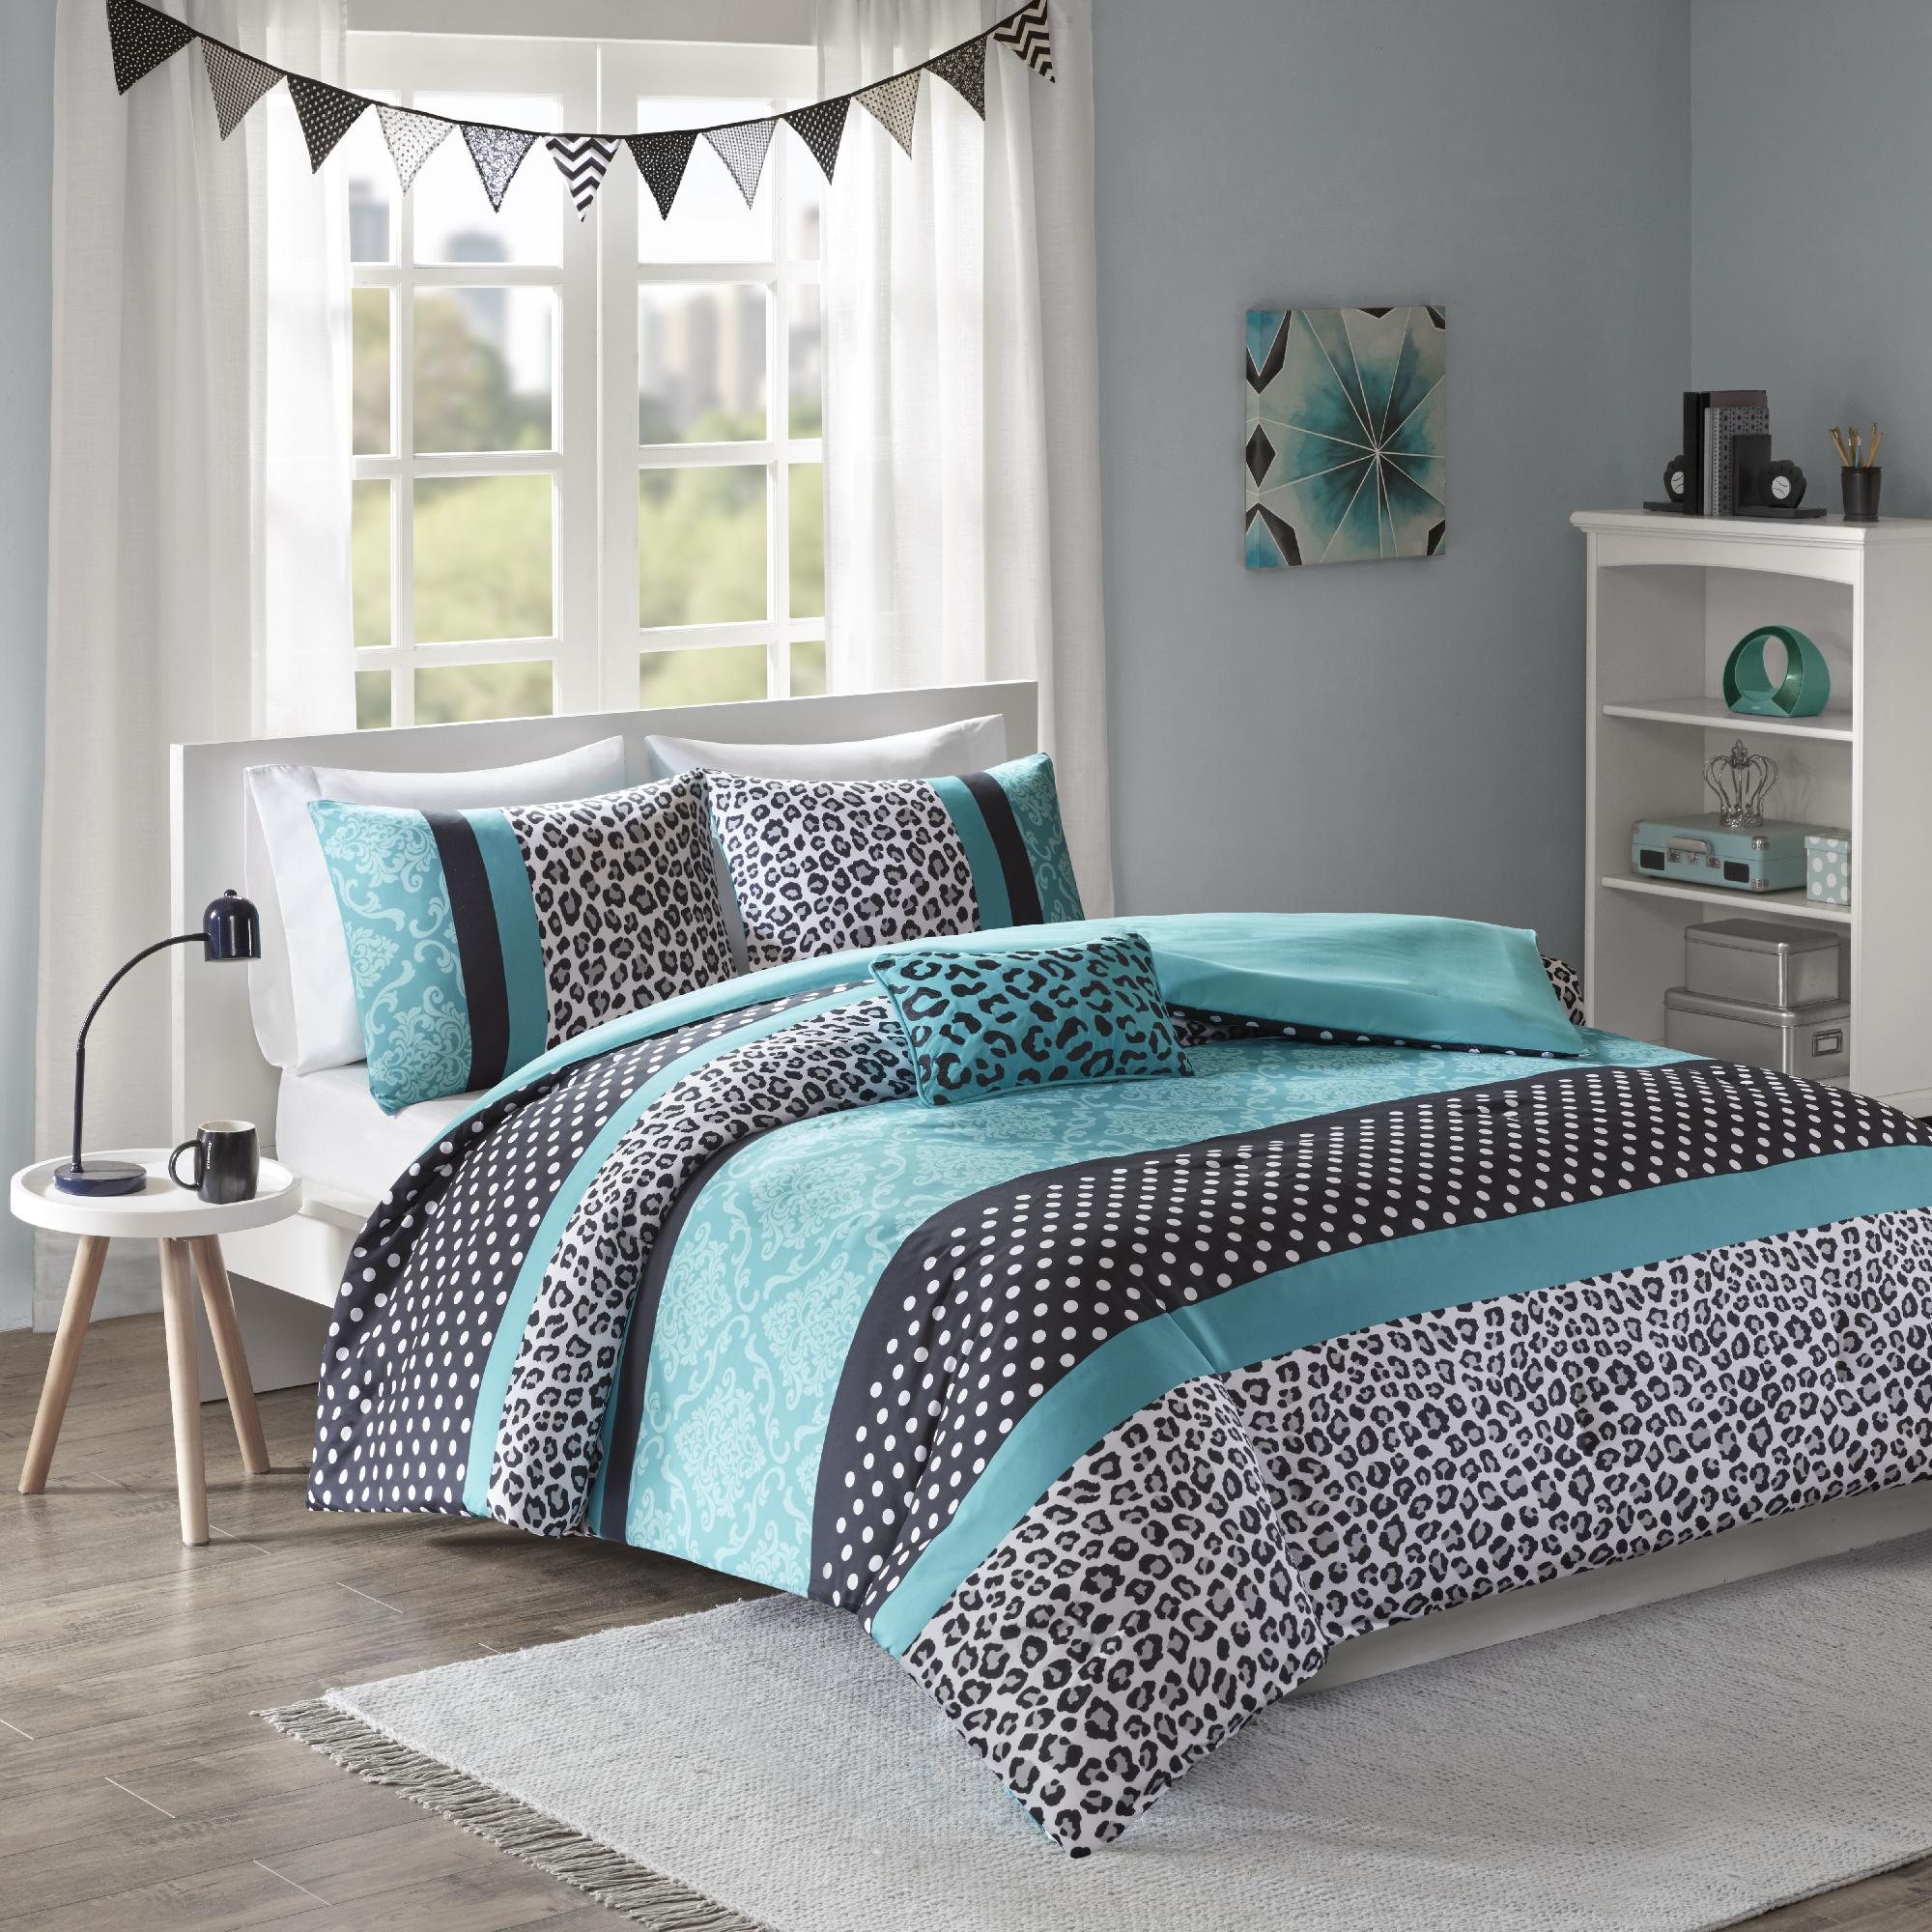 E & E Co. Home Essence Apartment Christa Ultra Soft Duvet Cover Set